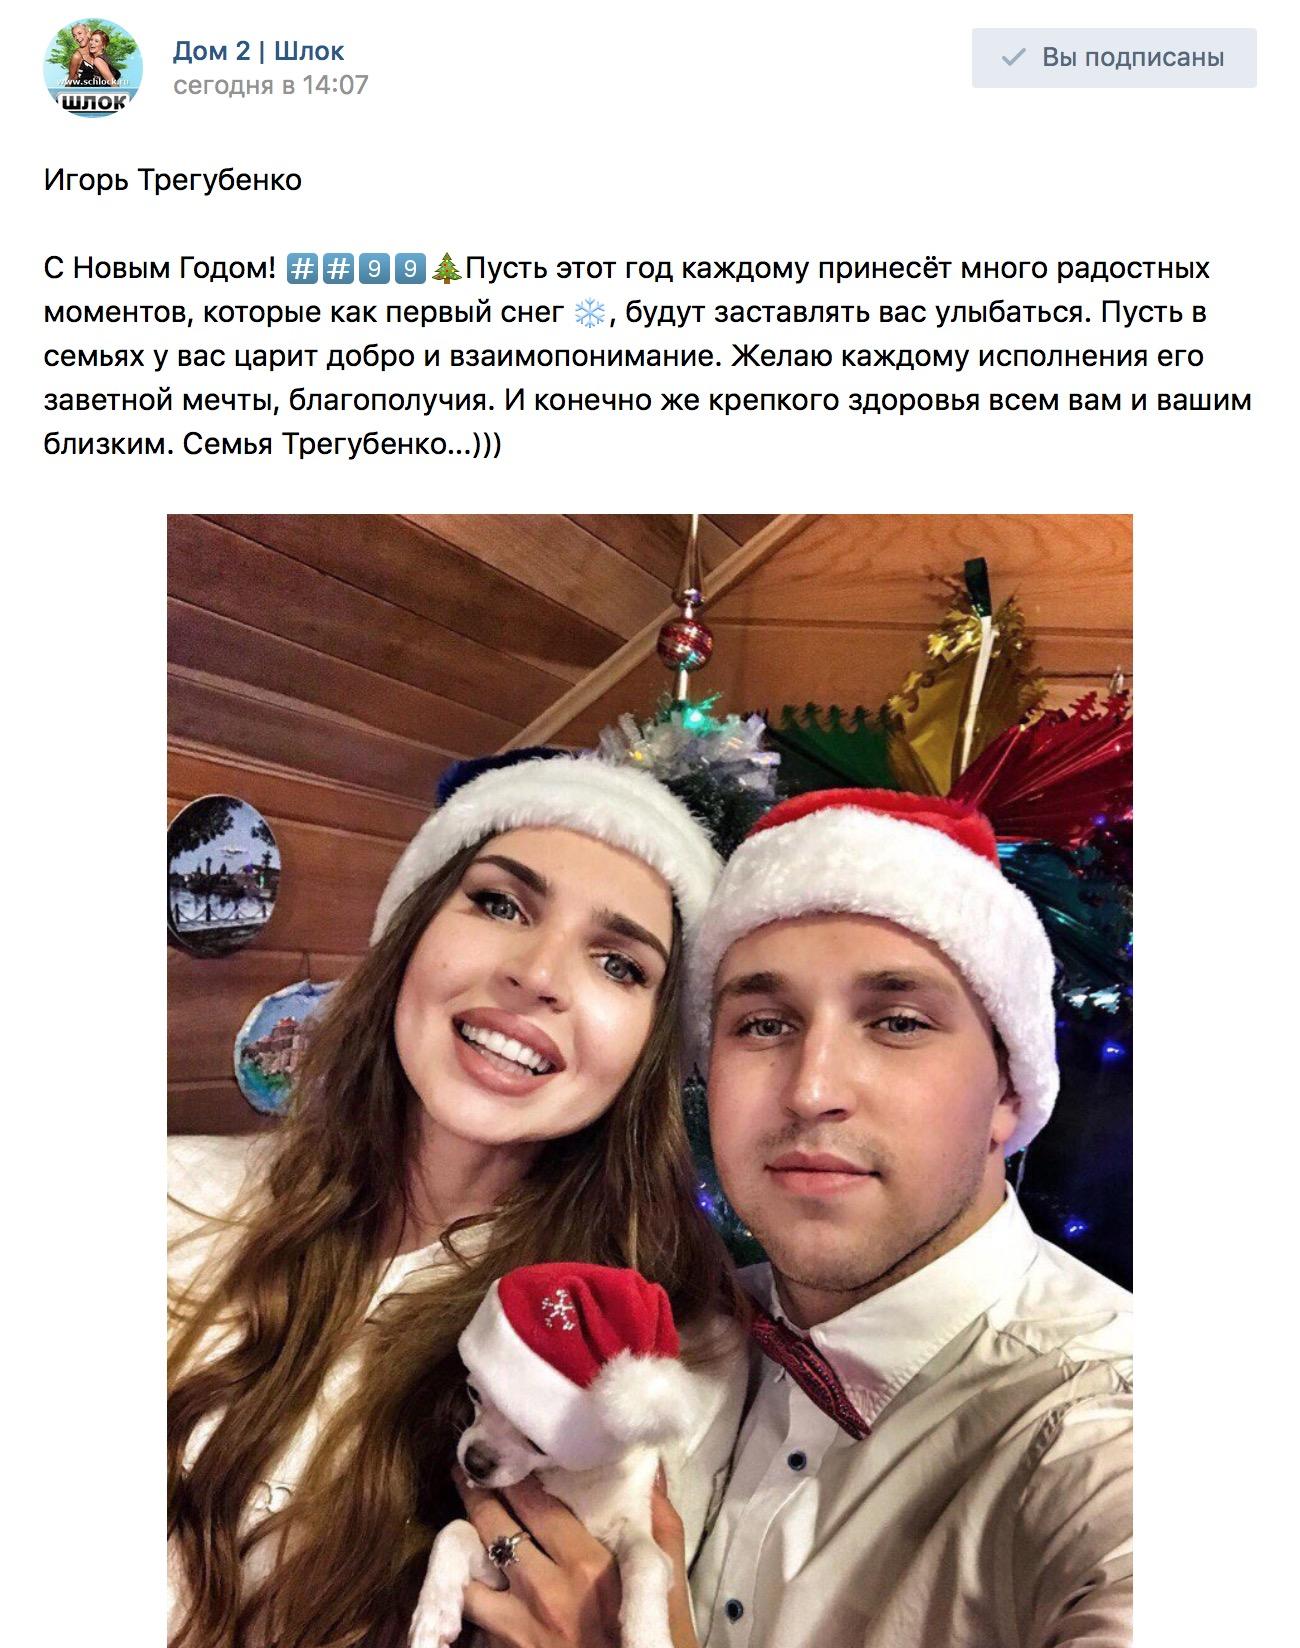 Игорь Трегубенко. С Новым Годом! ⃣⃣⃣⃣?